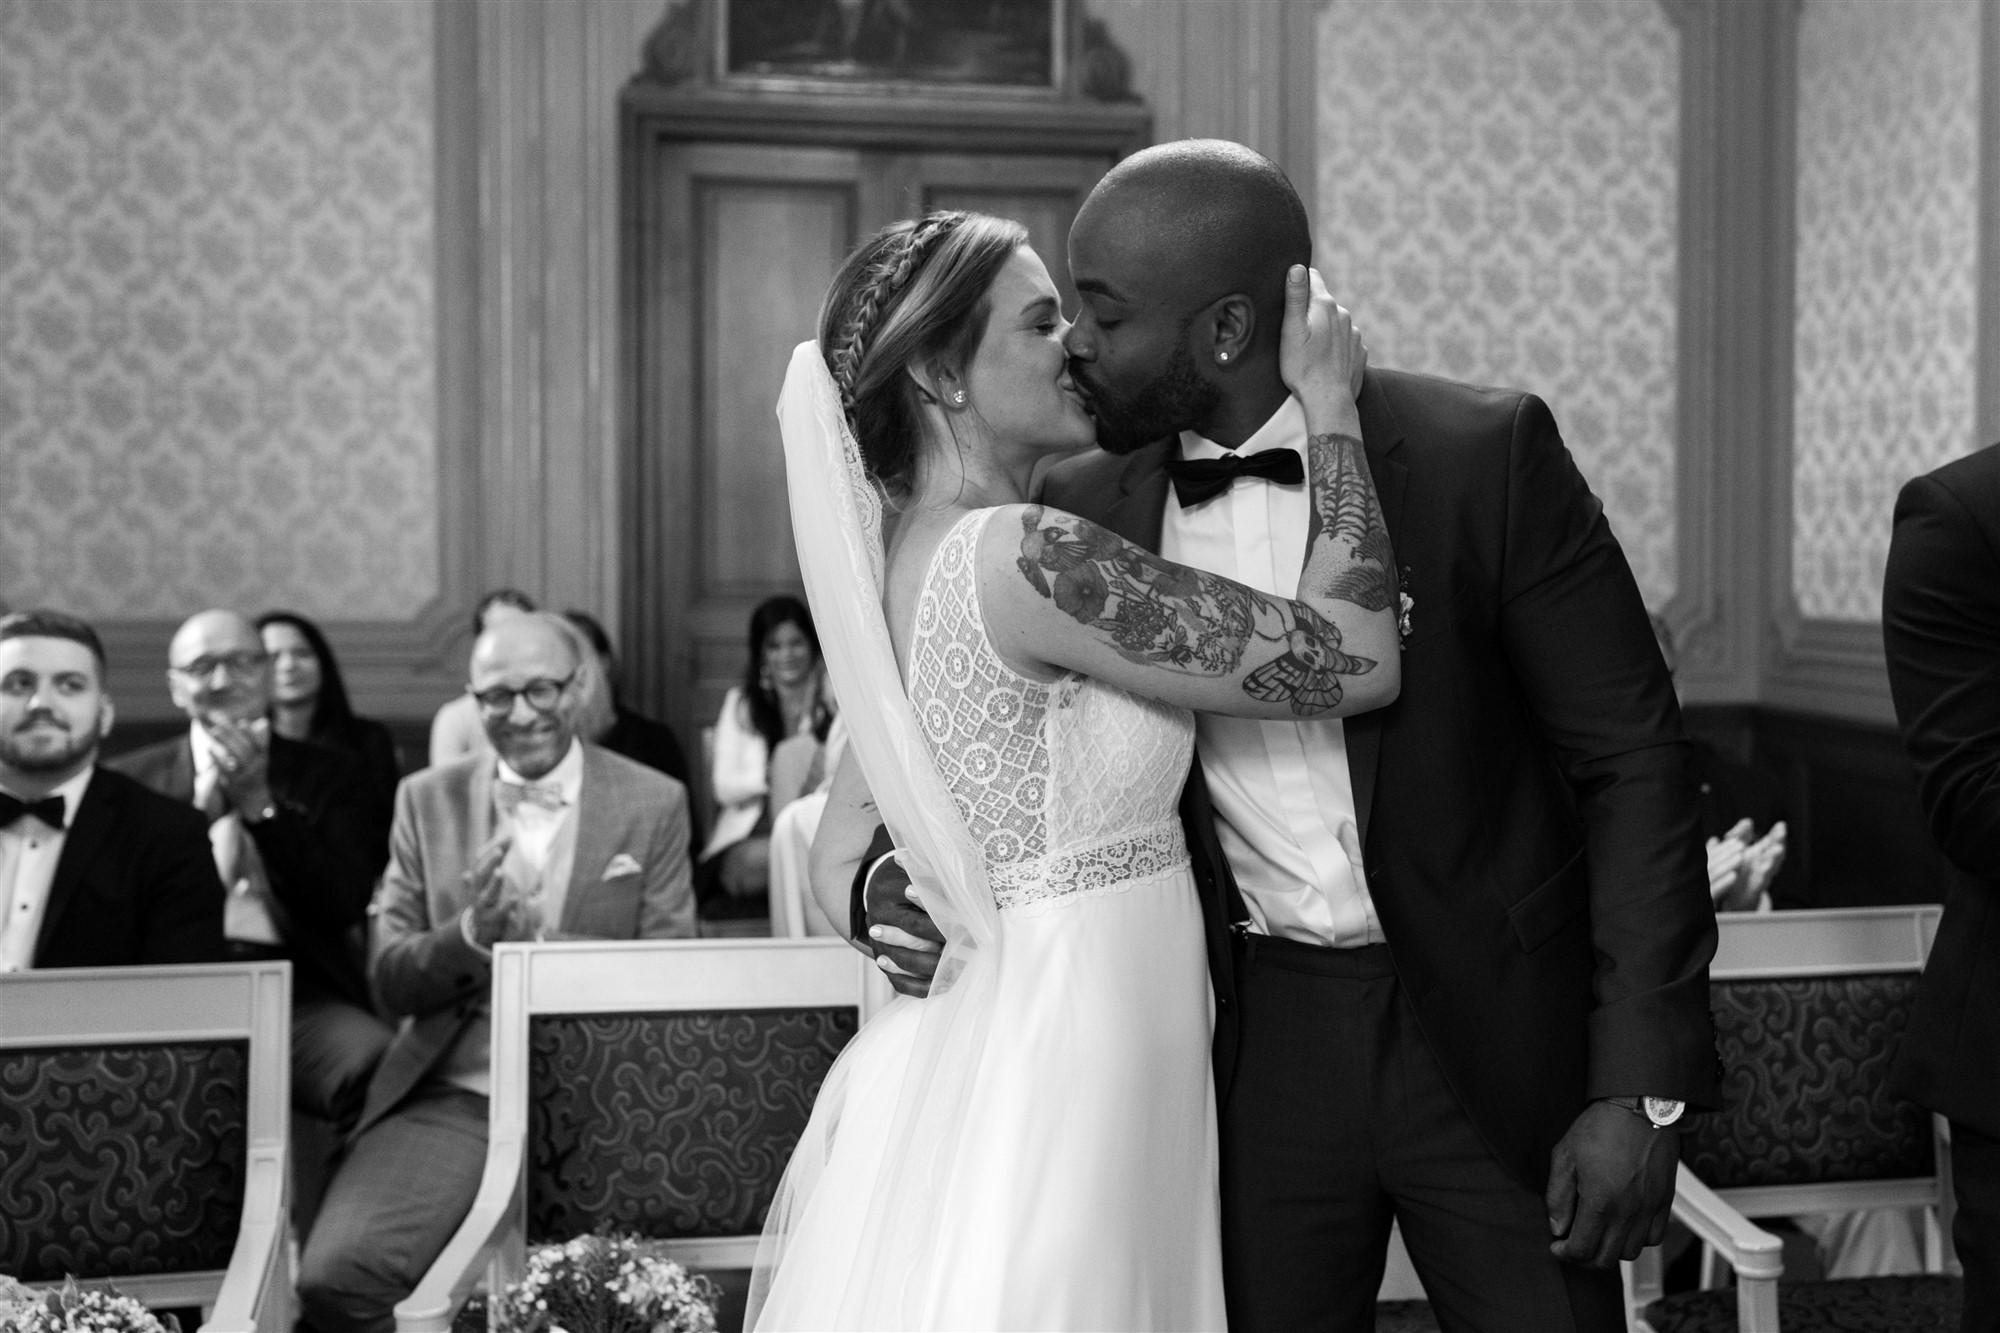 Die zivile Trauung in Basel - Der erste Kuss als Mann und Frau